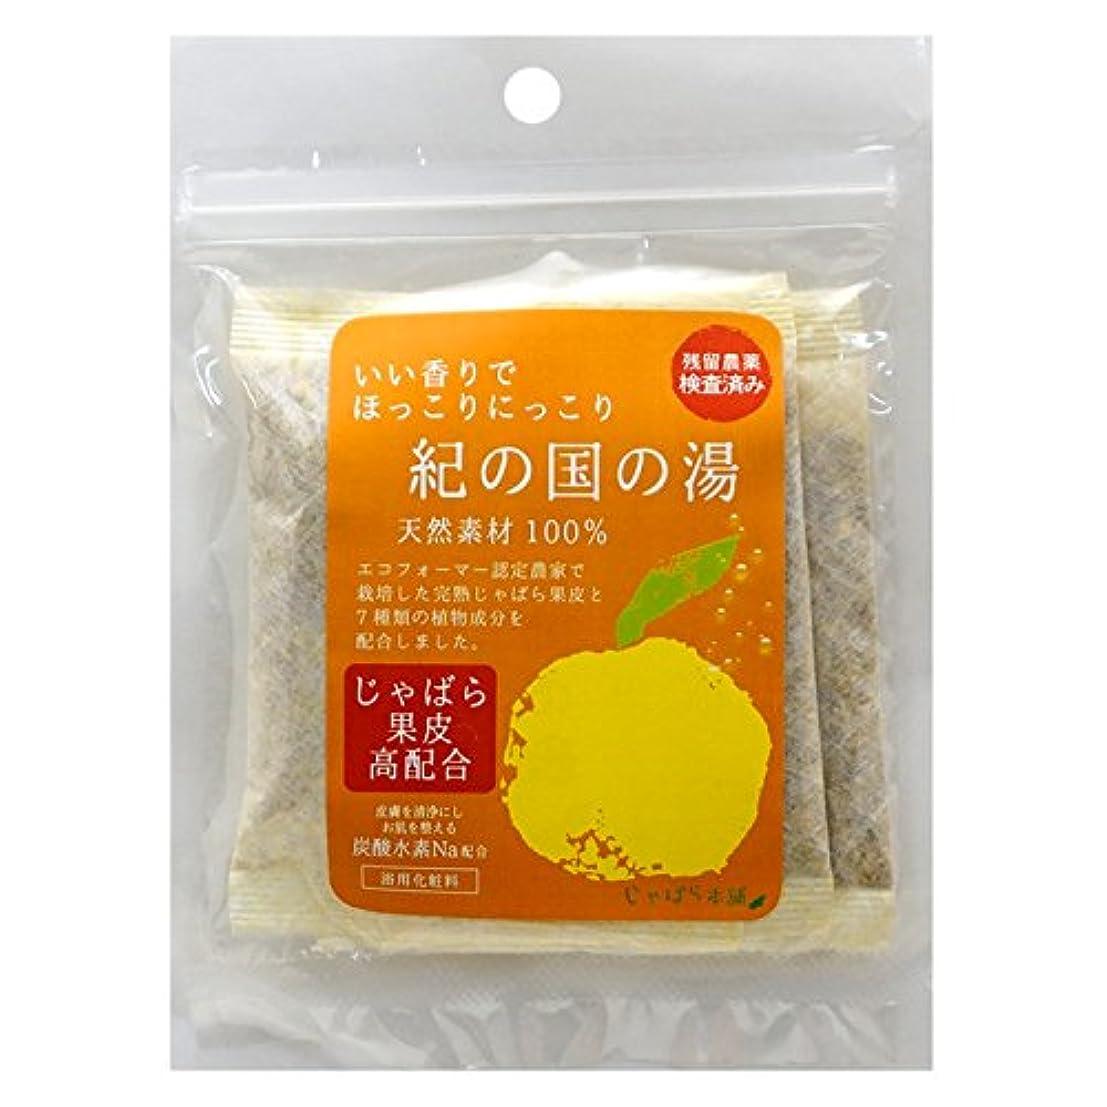 エレガント精通したじゃばら果皮入りの入浴剤 「紀の国の湯(炭酸ナトリウム入り)」 1袋(30g×3包入り)